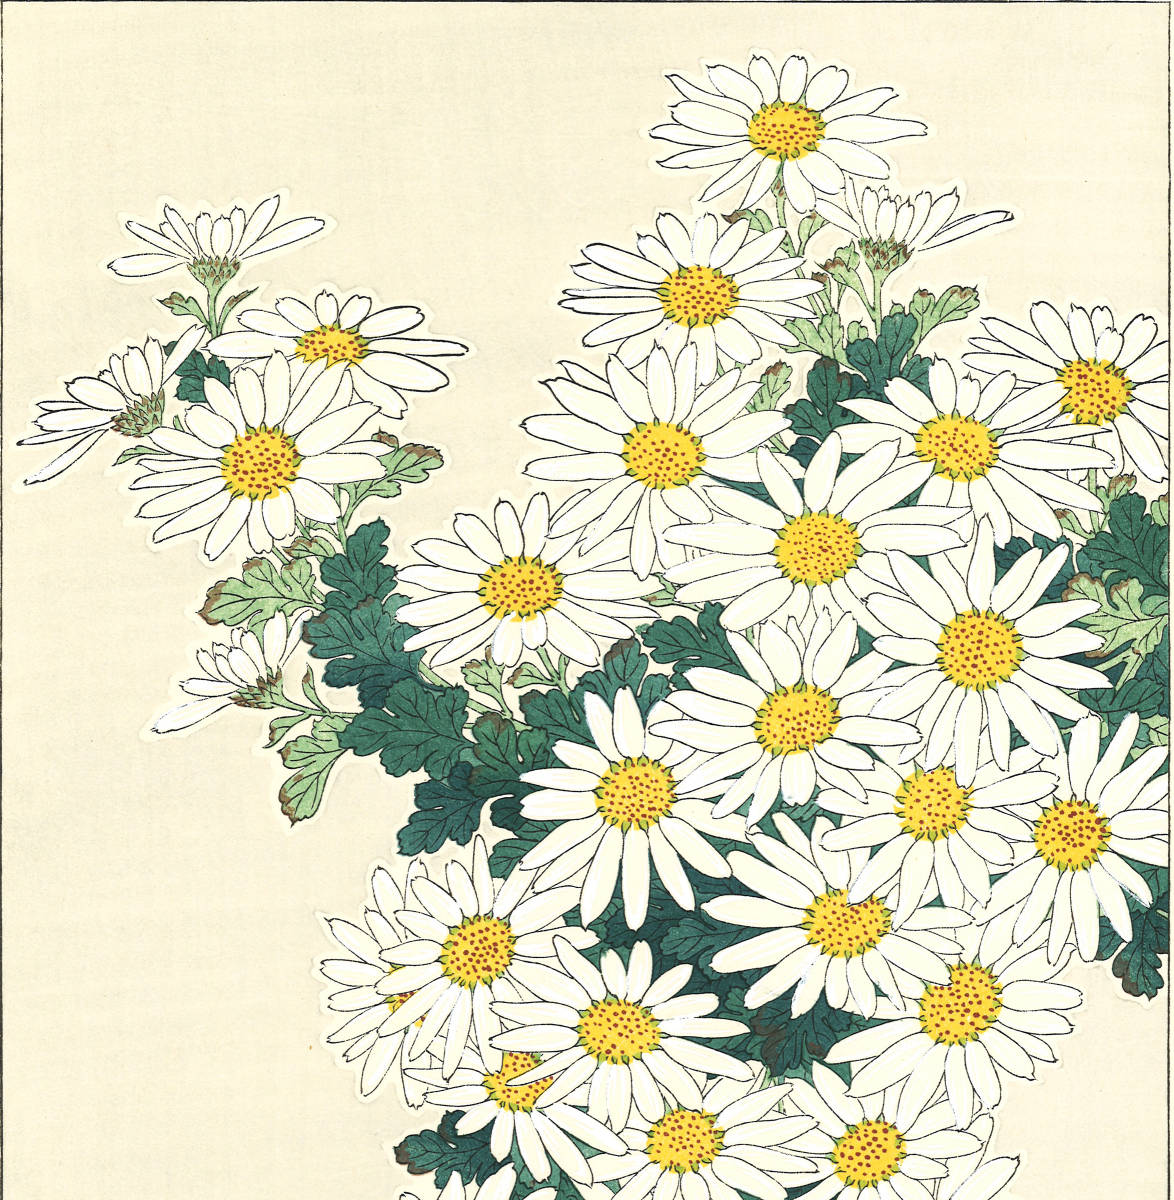 河原崎奨堂 (Kawarazaki Shodo) (1899~1973)木版画 F037 菊 花版画(Chrysanthemum)初版昭和初期~京都の一流の摺師の技をご堪能下さい。_画像6